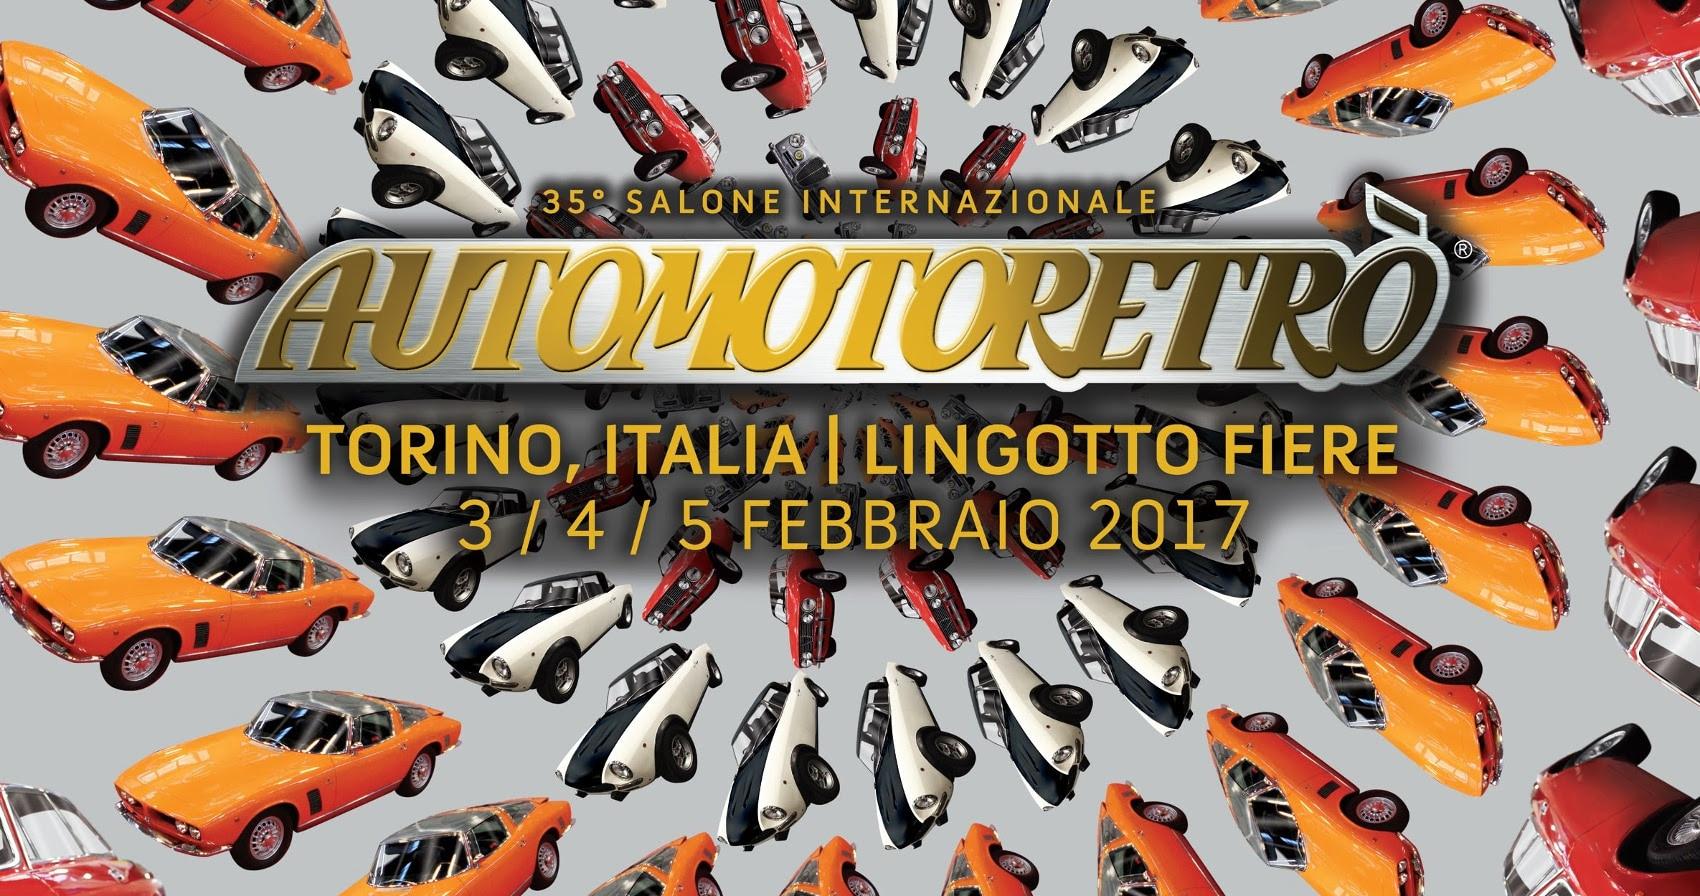 Automotoretrò, inizia il countdown a Torino